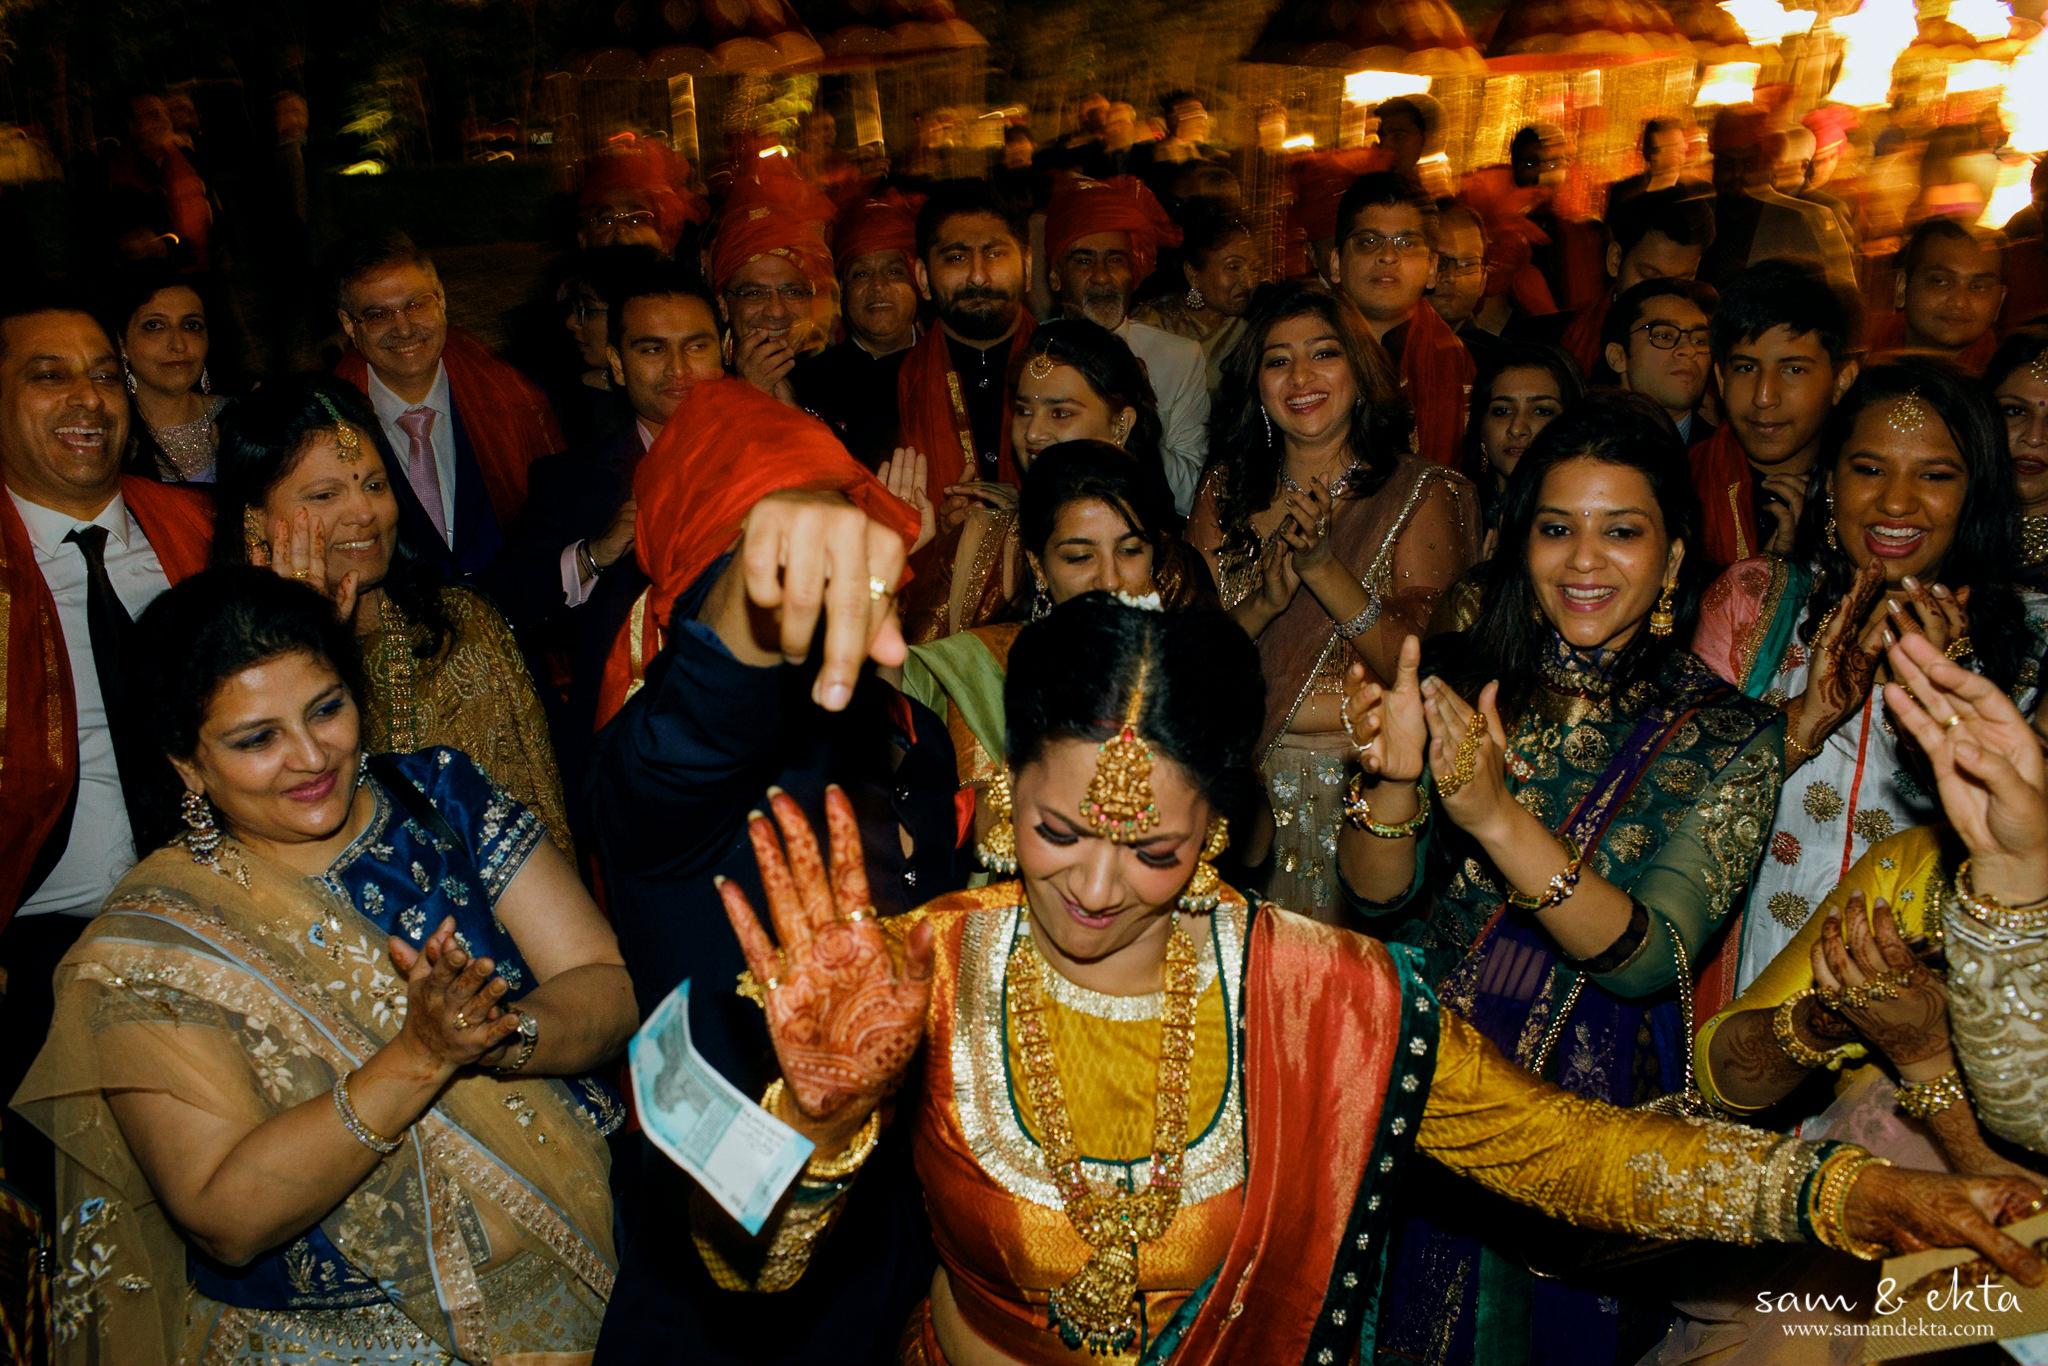 R&R_Marriott Jaipur_www.samandekta.com-68.jpg